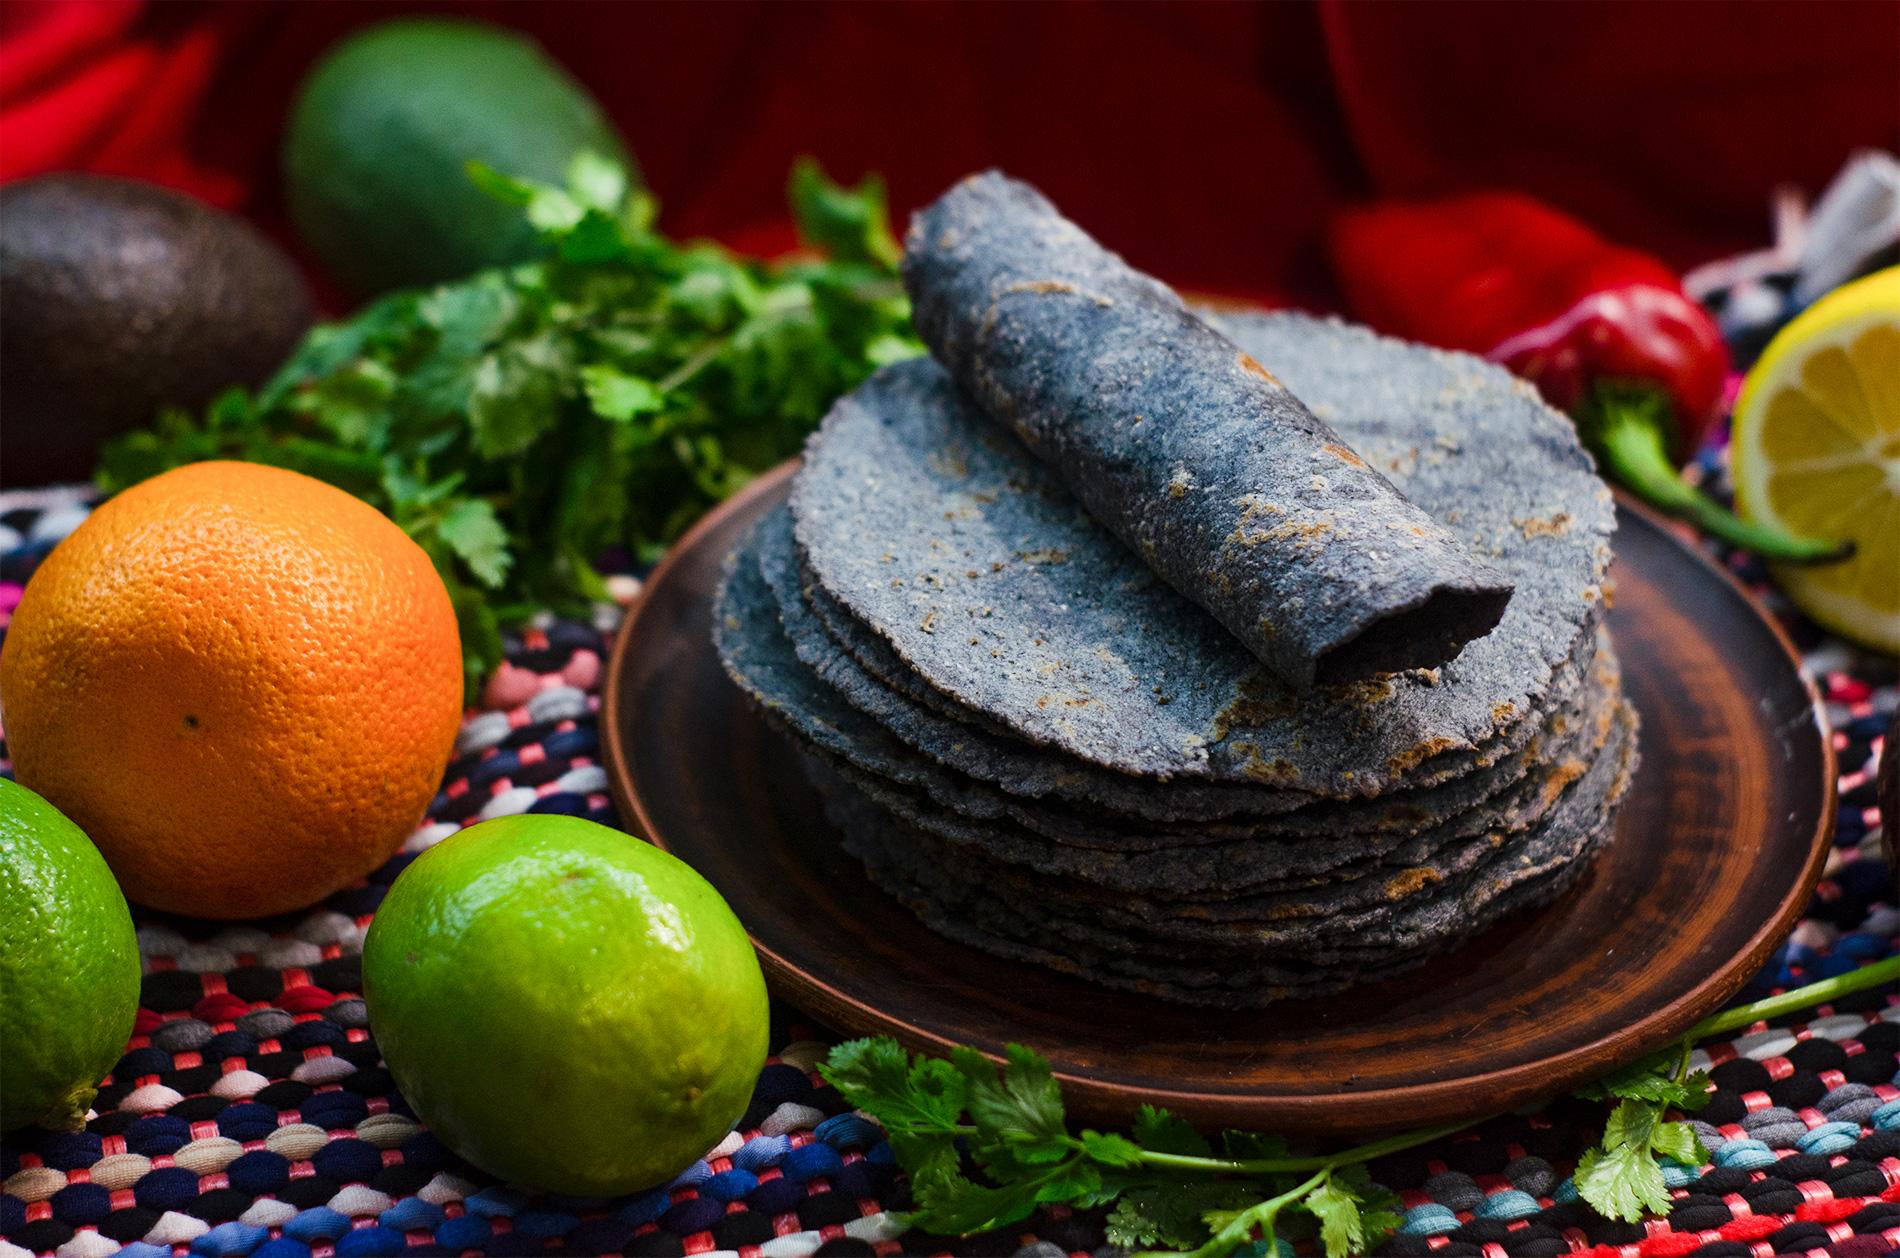 Кукурузные тортильи из голубой муки (Blue Corn Masa Tortillas)